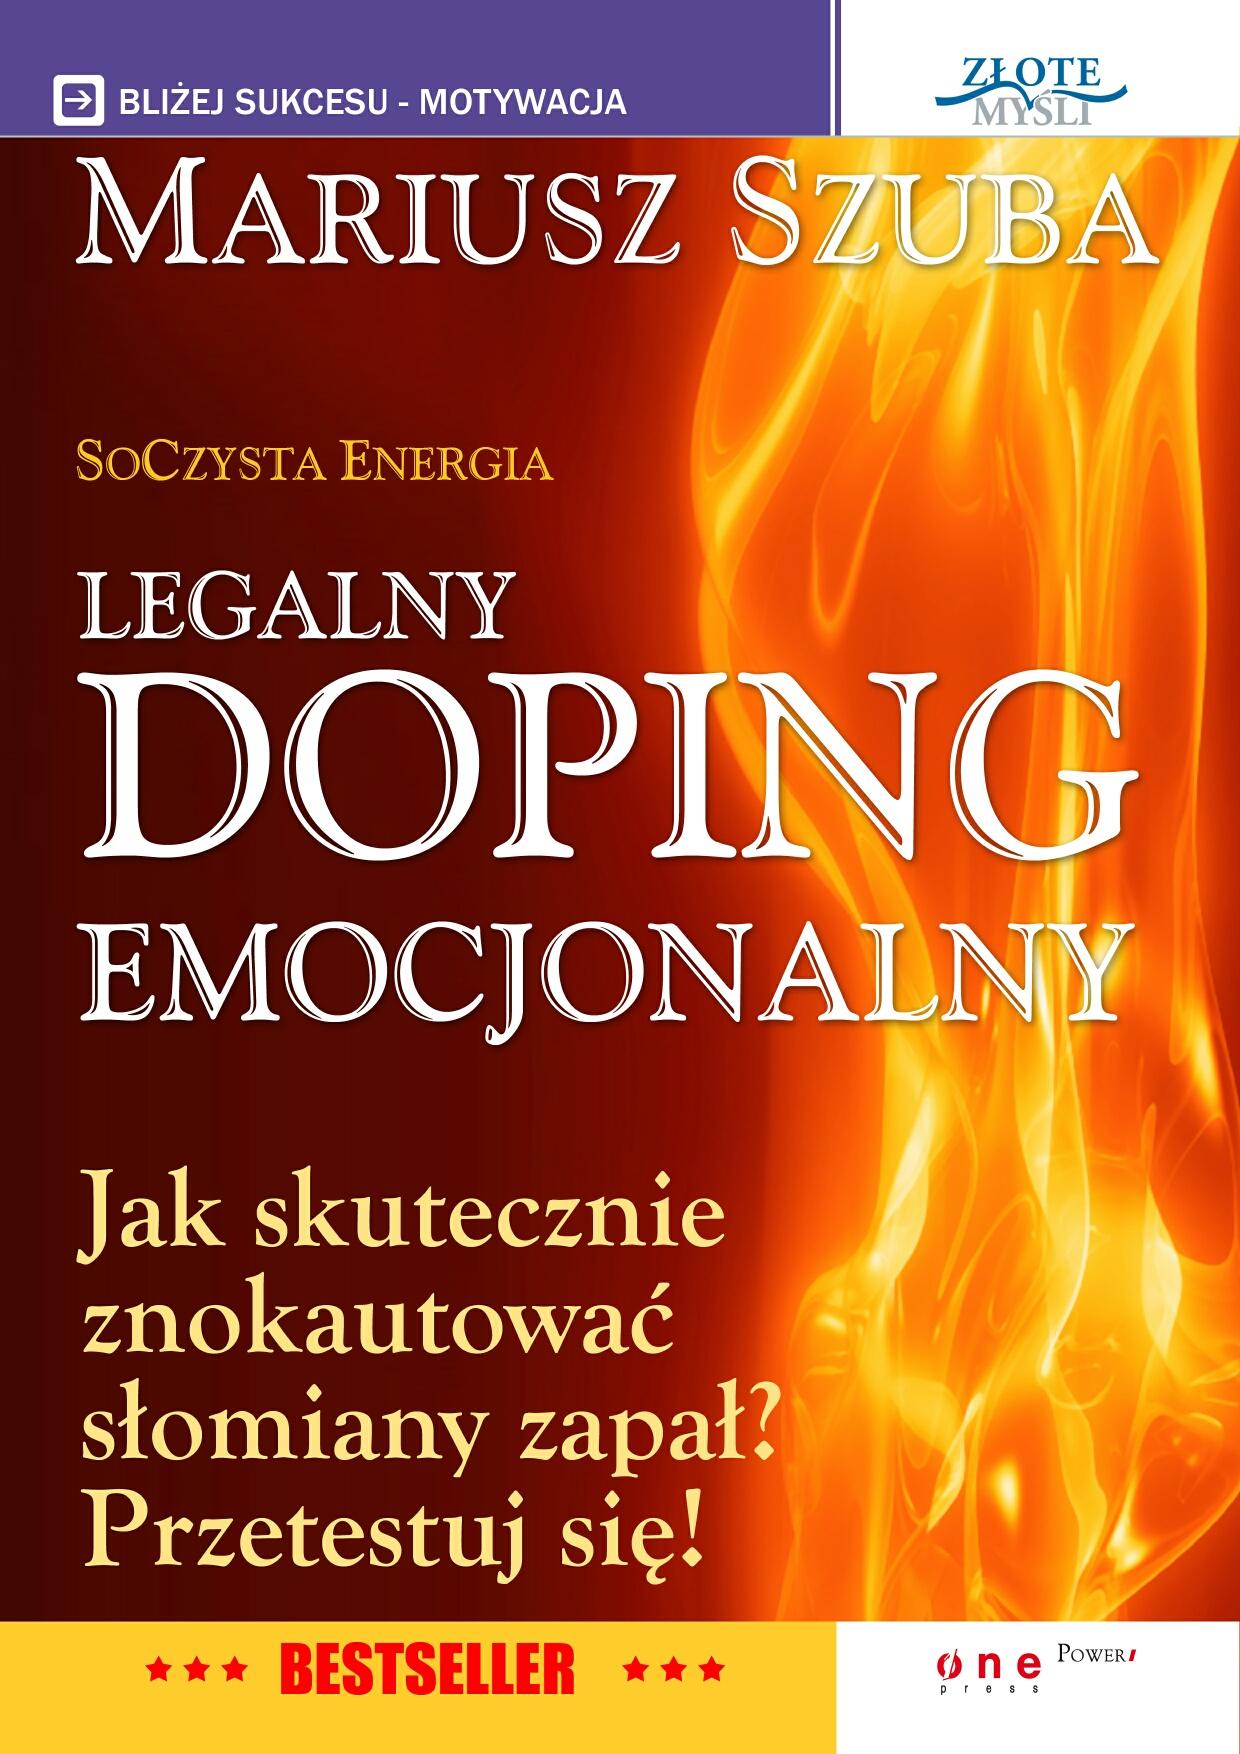 Mariusz Szuba: Legalny Doping Emocjonalny - okładka